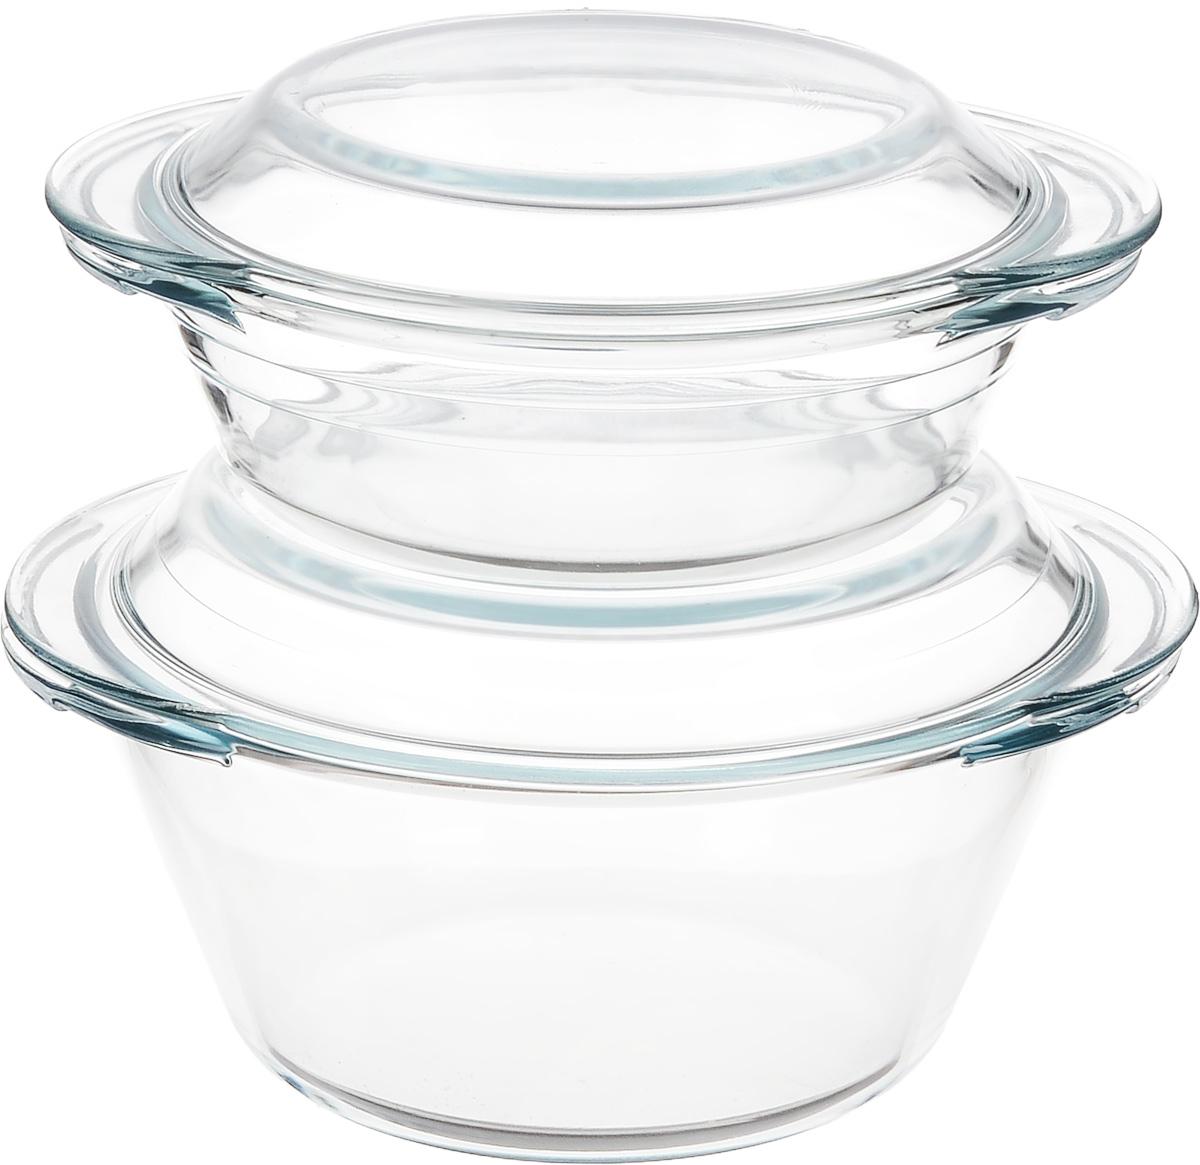 Набор кастрюль Helper Gurman, с крышками, 4 предмета. 454794672Набор Helper Gurman состоит из двух кастрюль с крышками. Кастрюли изготовлены из жаропрочного стекла. Стеклянная огнеупорная посуда идеальна для приготовления блюд в духовке, микроволновой печи, а также для хранения продуктов в холодильнике и морозильной камере. Безопасна с точки зрения экологии. Не вступает в реакции с готовящейся пищей, не боится кислот и солей. Не ржавеет, в ней не появляется накипь. Не впитывает запахи и жир. Благодаря прозрачности стекла, за едой можно наблюдать при ее готовке. Изделия оснащены небольшими ручками.Можно мыть в посудомоечной машине.Объем кастрюль: 1 л, 2 л.Диаметр кастрюль: 17 см, 19,5 см.Высота стенки кастрюль: 5,5 см, 9 см.